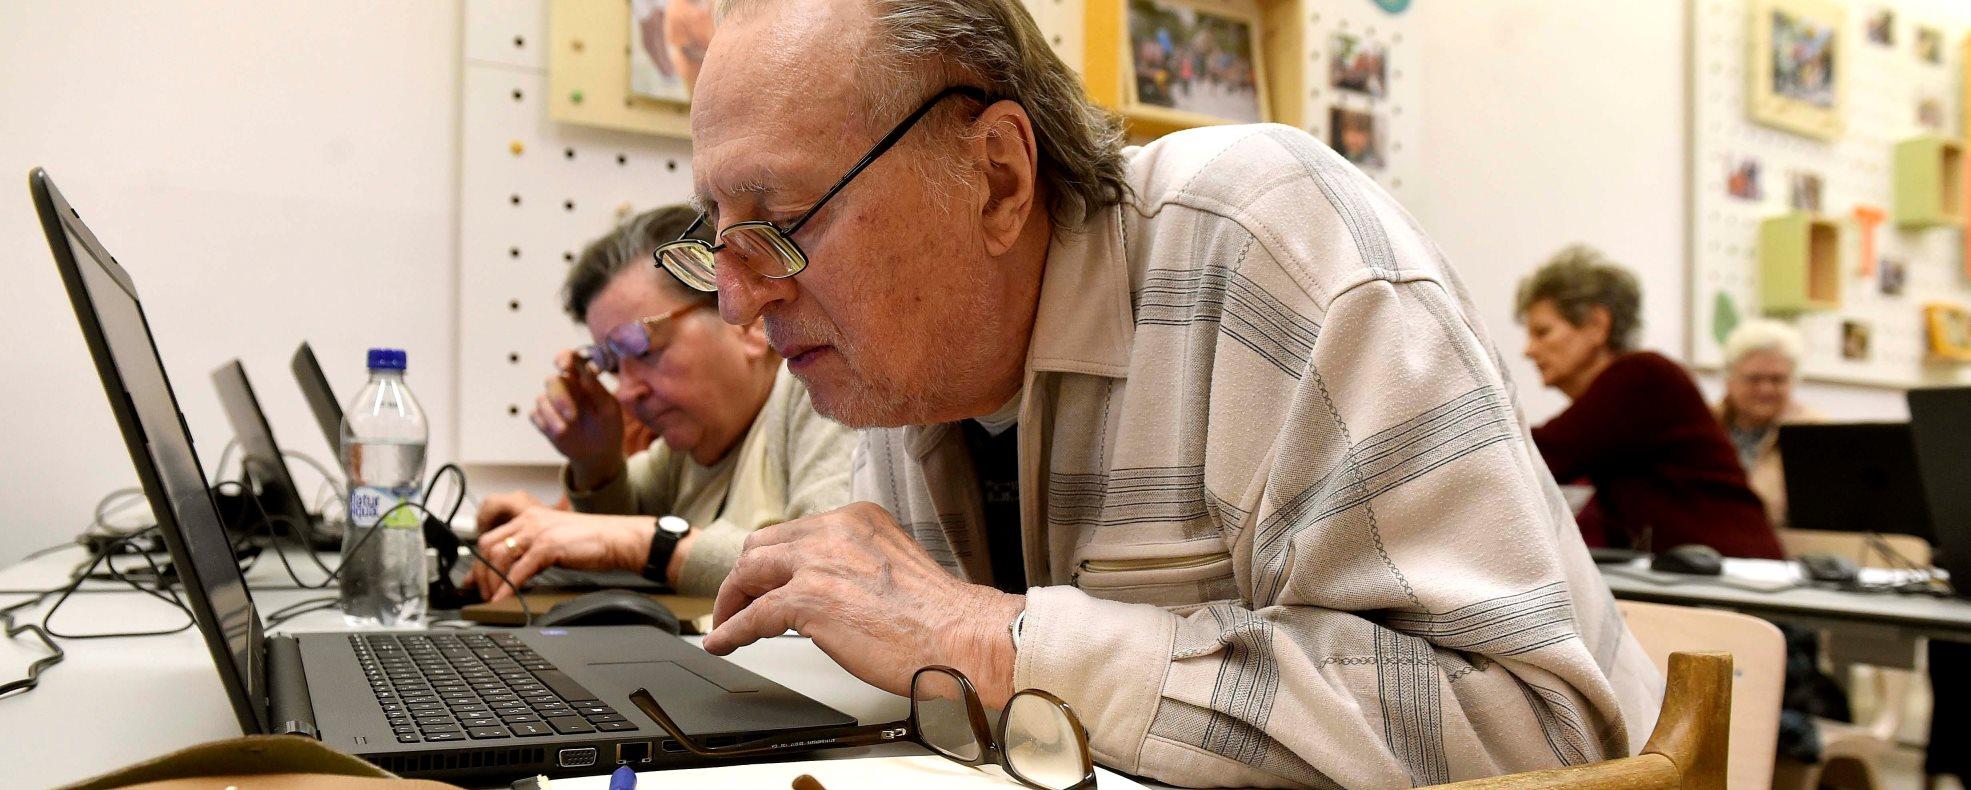 Elindult a százezer idős ember infokommunikációs képzését szolgáló program